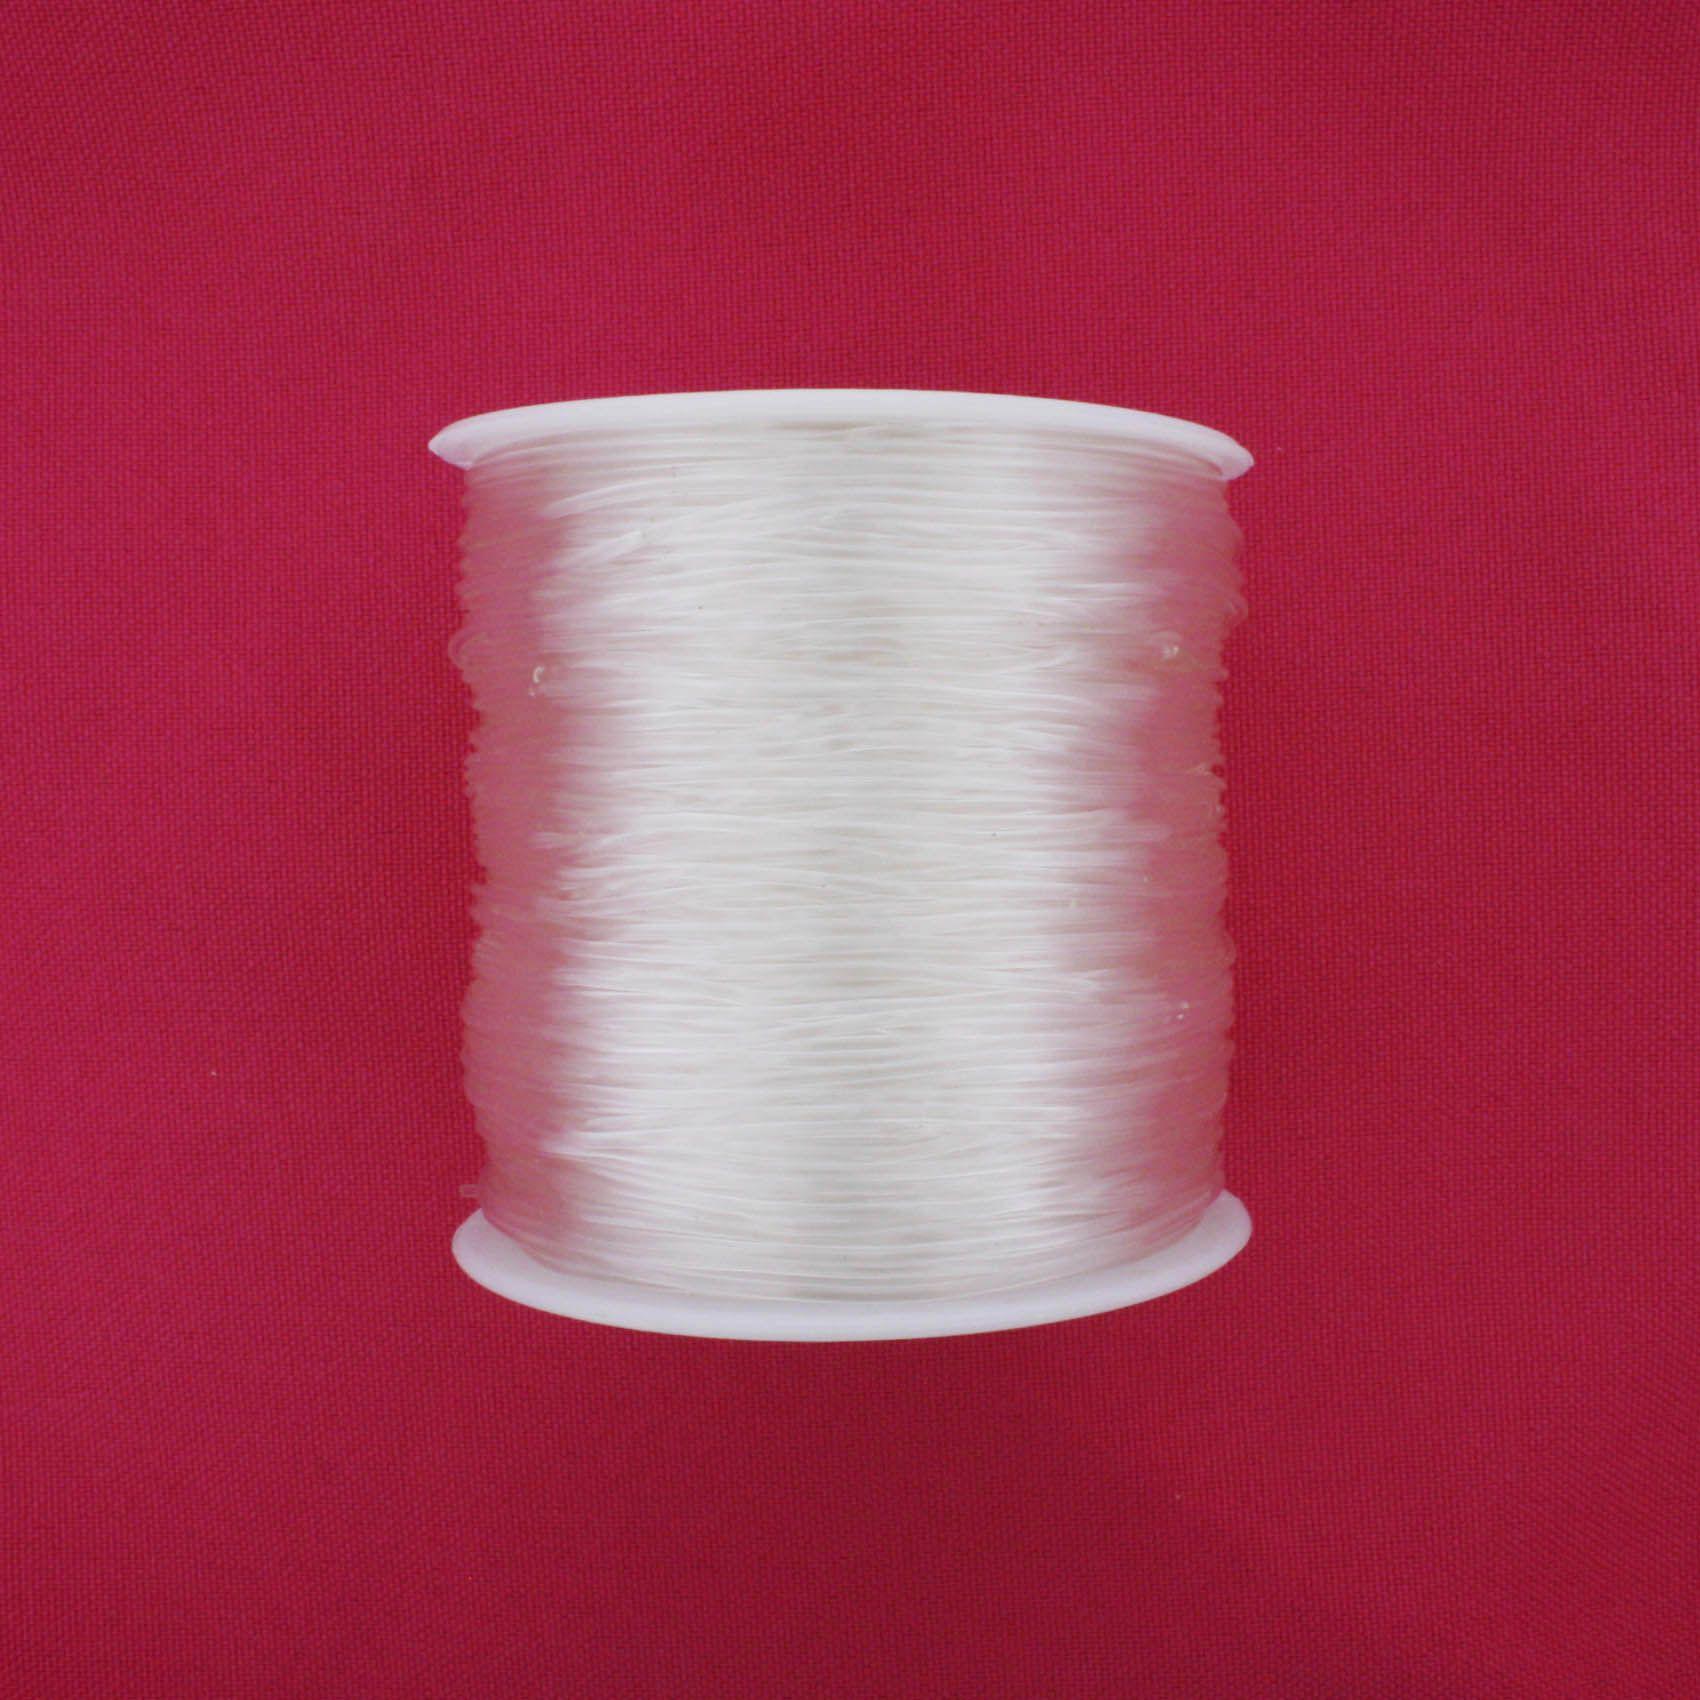 Fio de Silicone - 1.0mm - 100m  - Stéphanie Bijoux® - Peças para Bijuterias e Artesanato